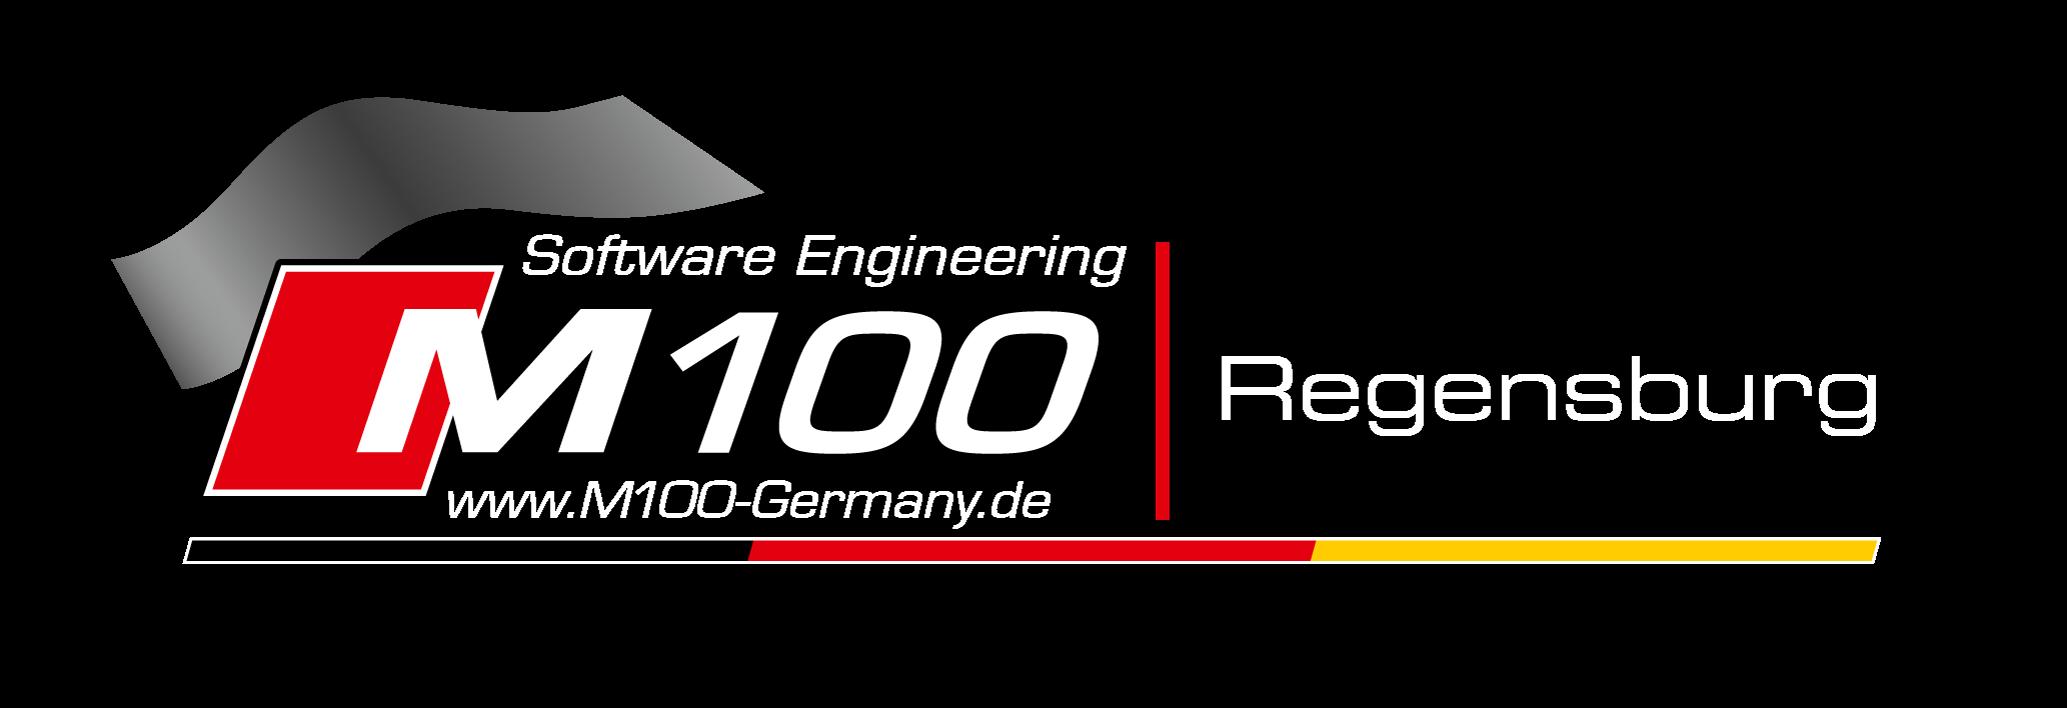 m100-regensburg.png